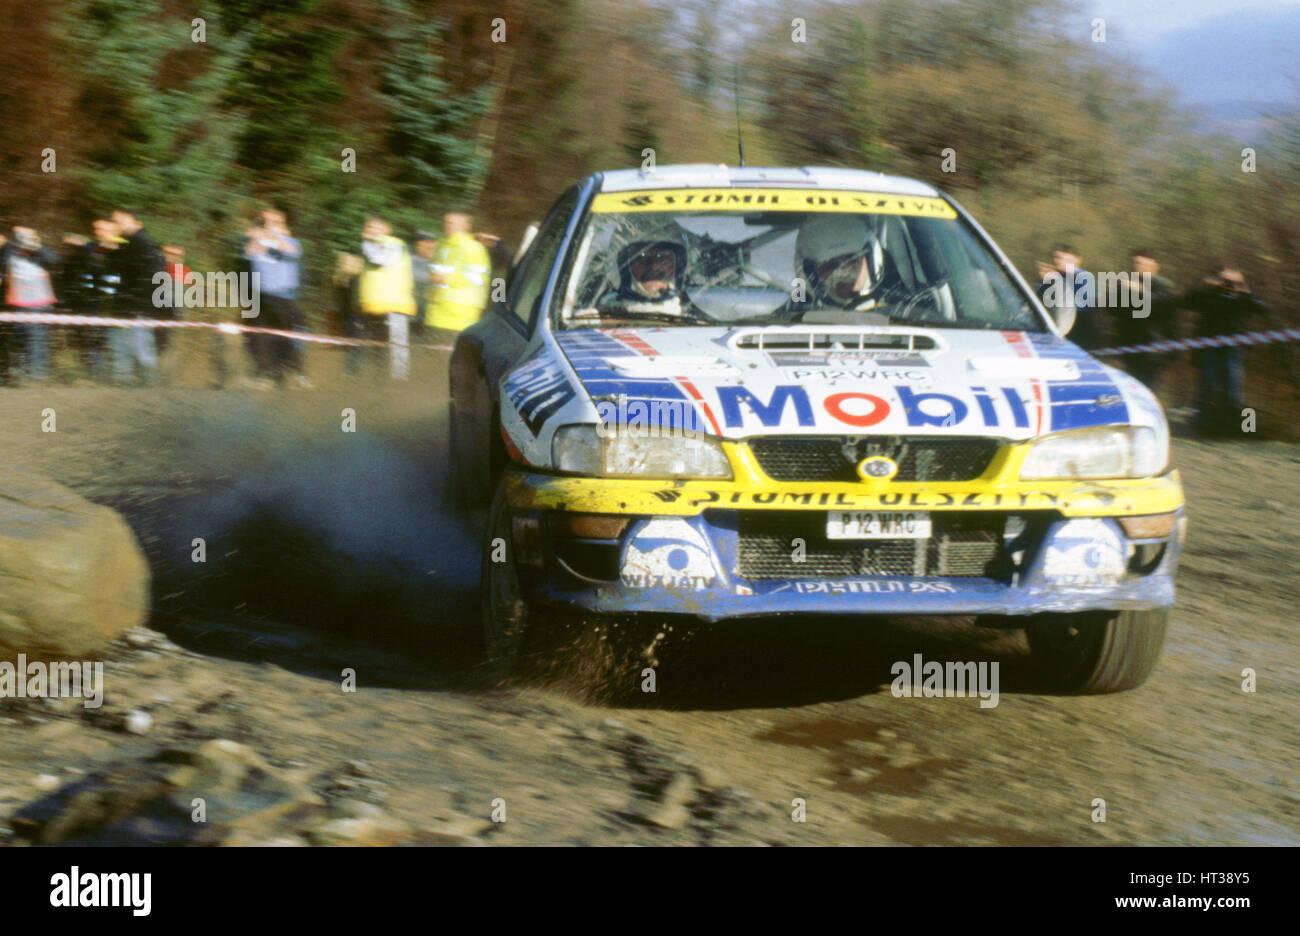 Subaru Impreza Wrc 1998 network Q rally. Artista: sconosciuto. Immagini Stock